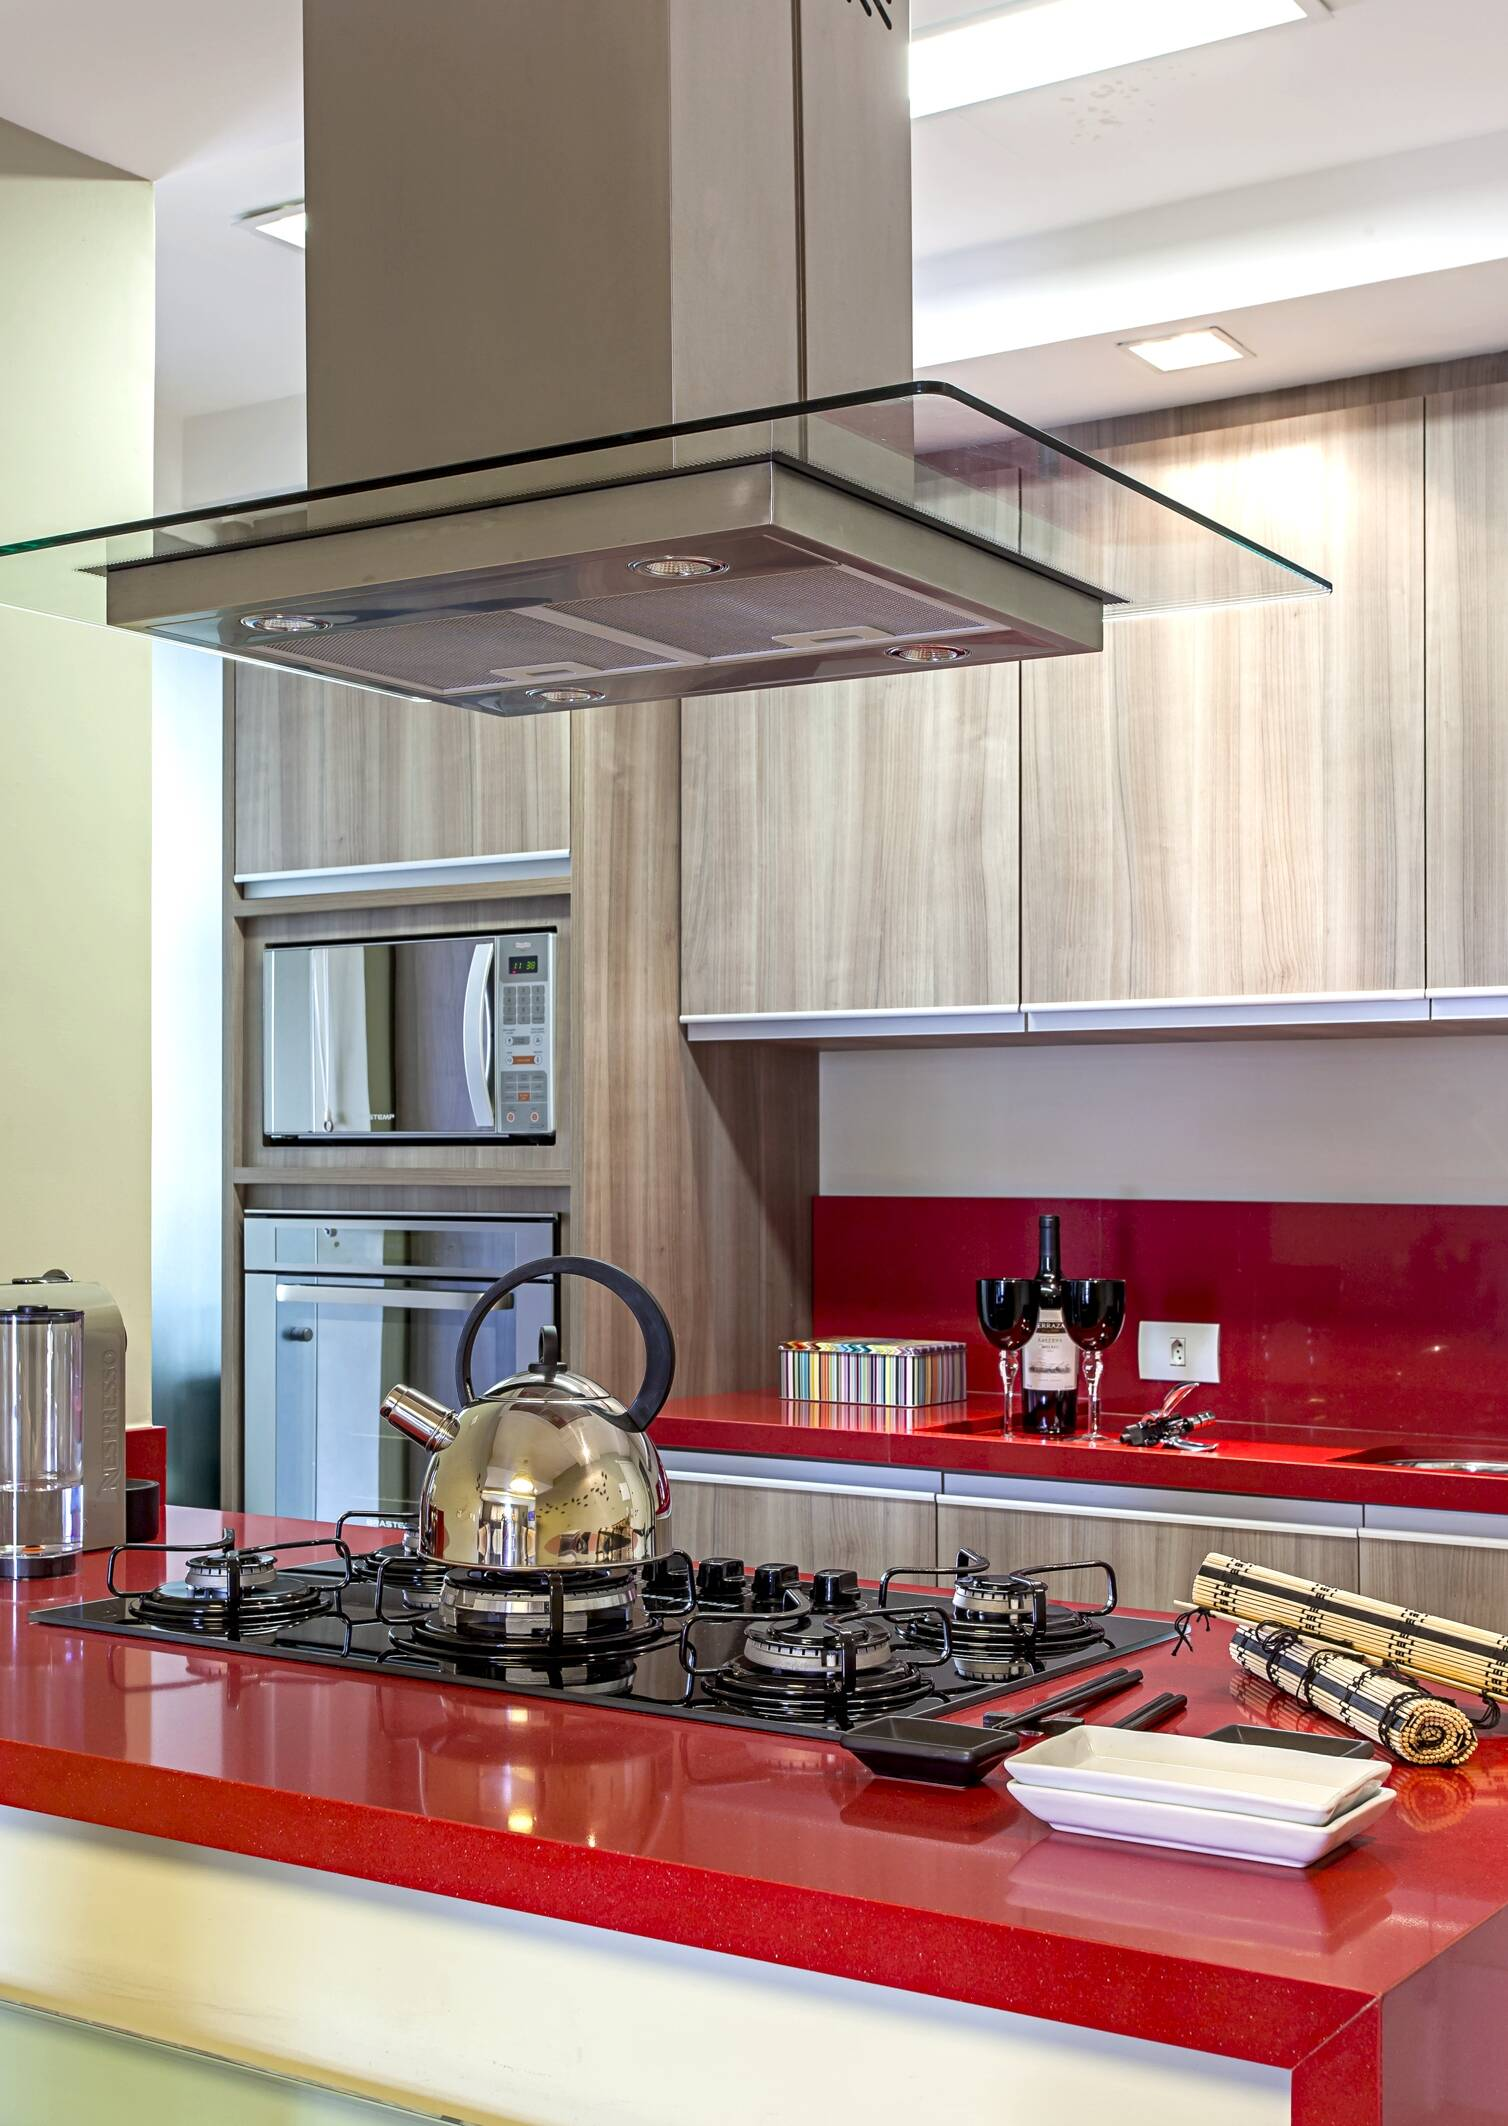 Bancada de cozinha com um toque de cor: por que não apostar no vermelho? O tom traz vida ao ambiente. Foto: Carlos Piratininga